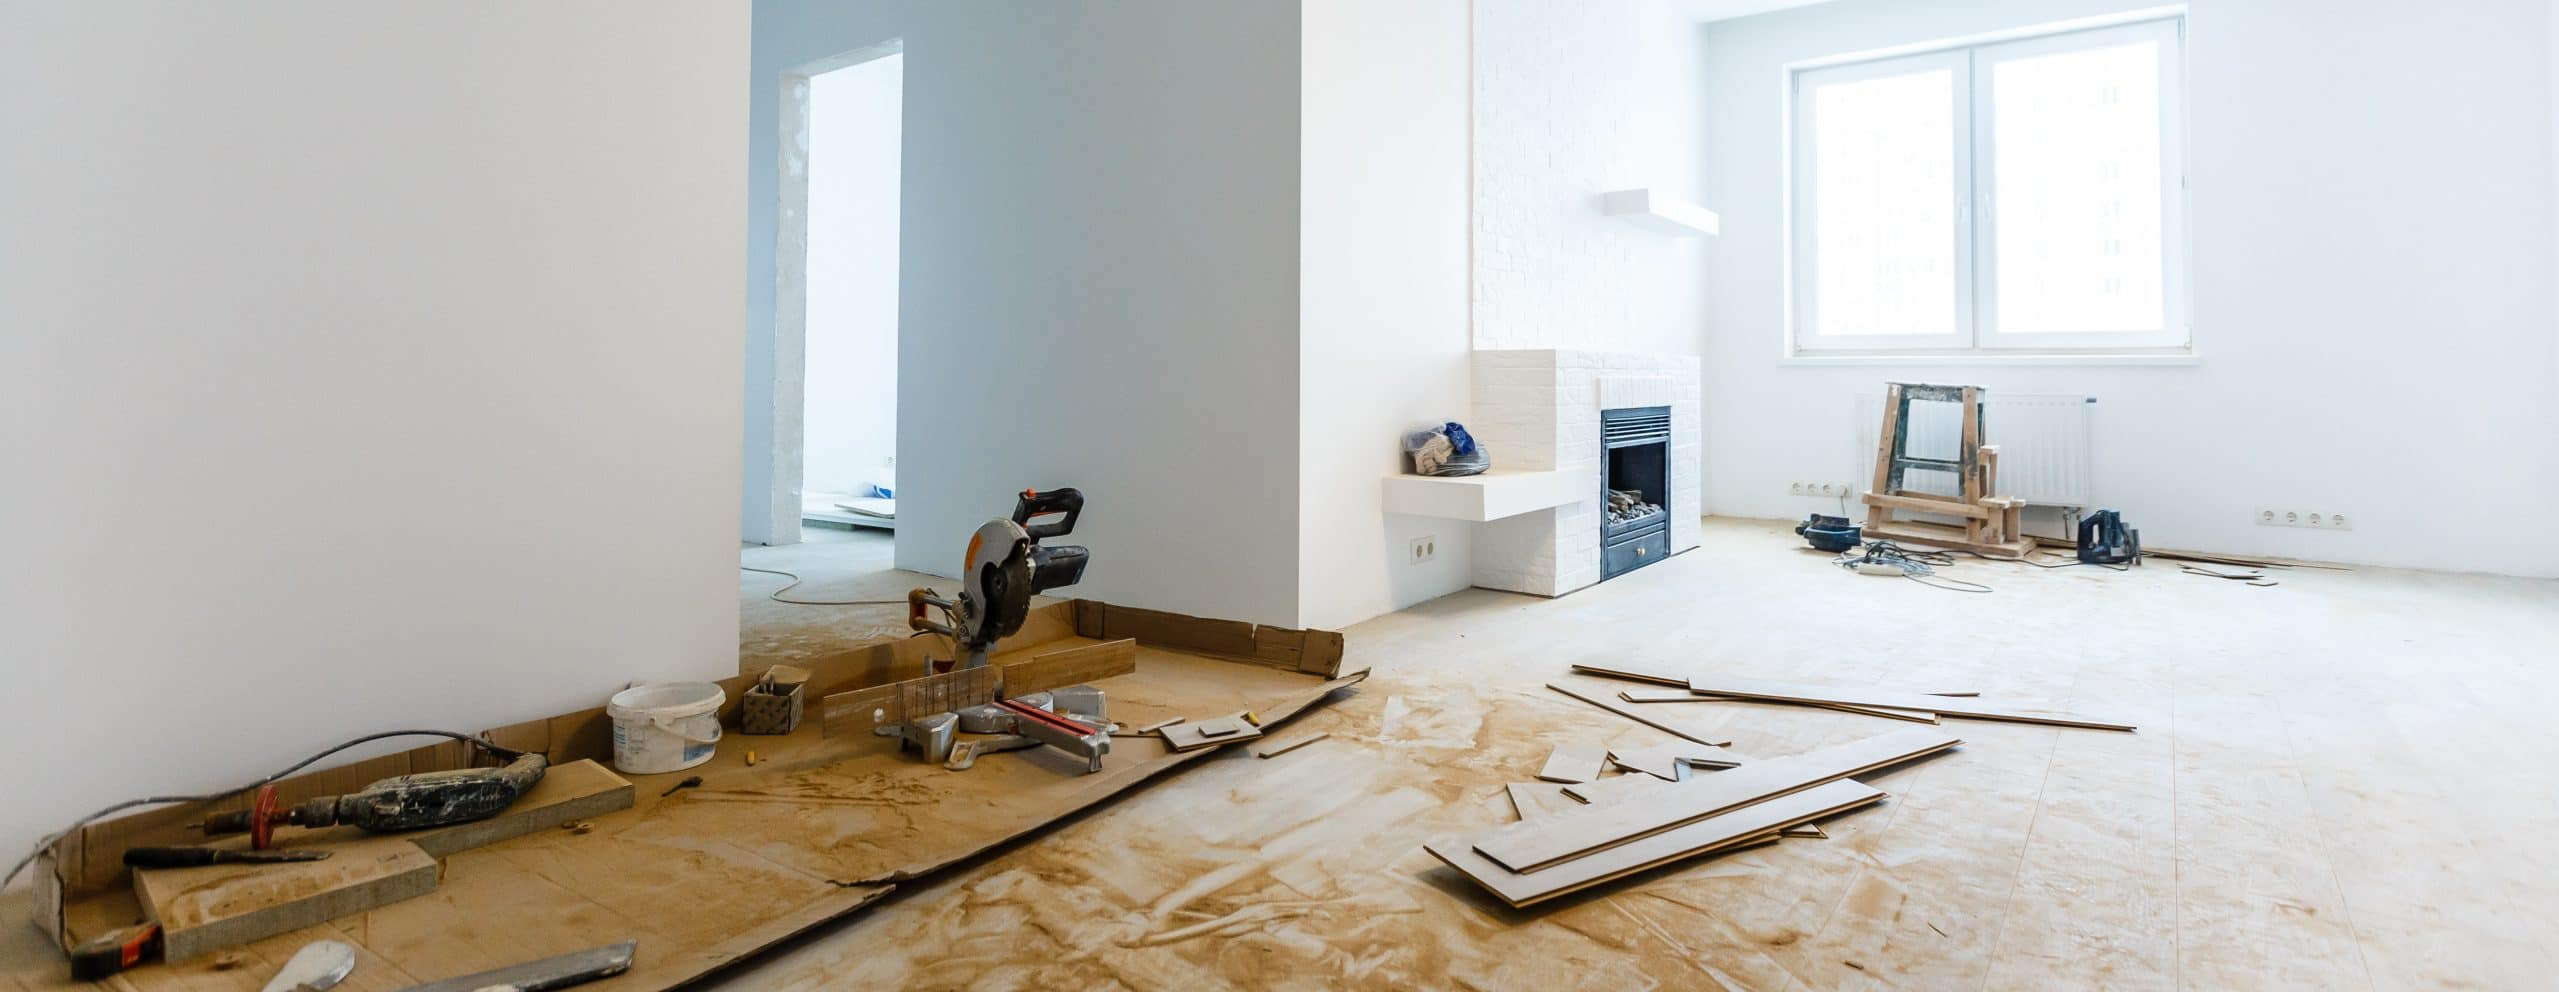 Apartment repair wall repair renovation house renovation home remodeling laminate